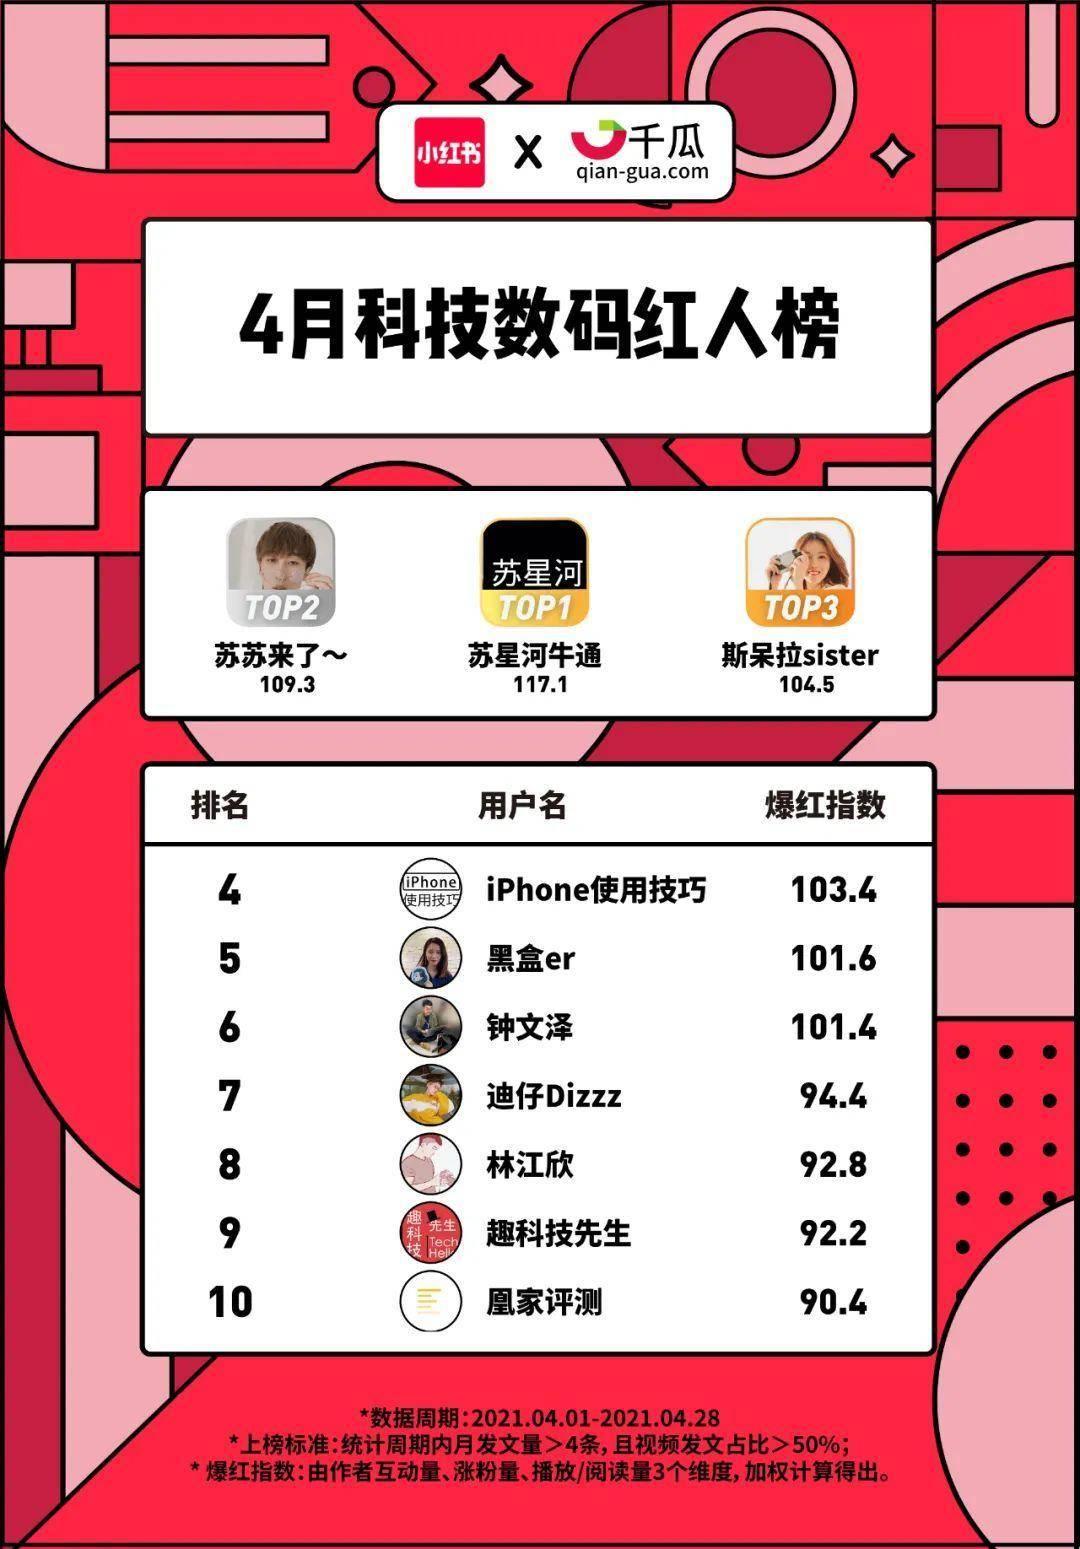 小红书X千瓜联合发布 小红书2021年4月创作者红人榜